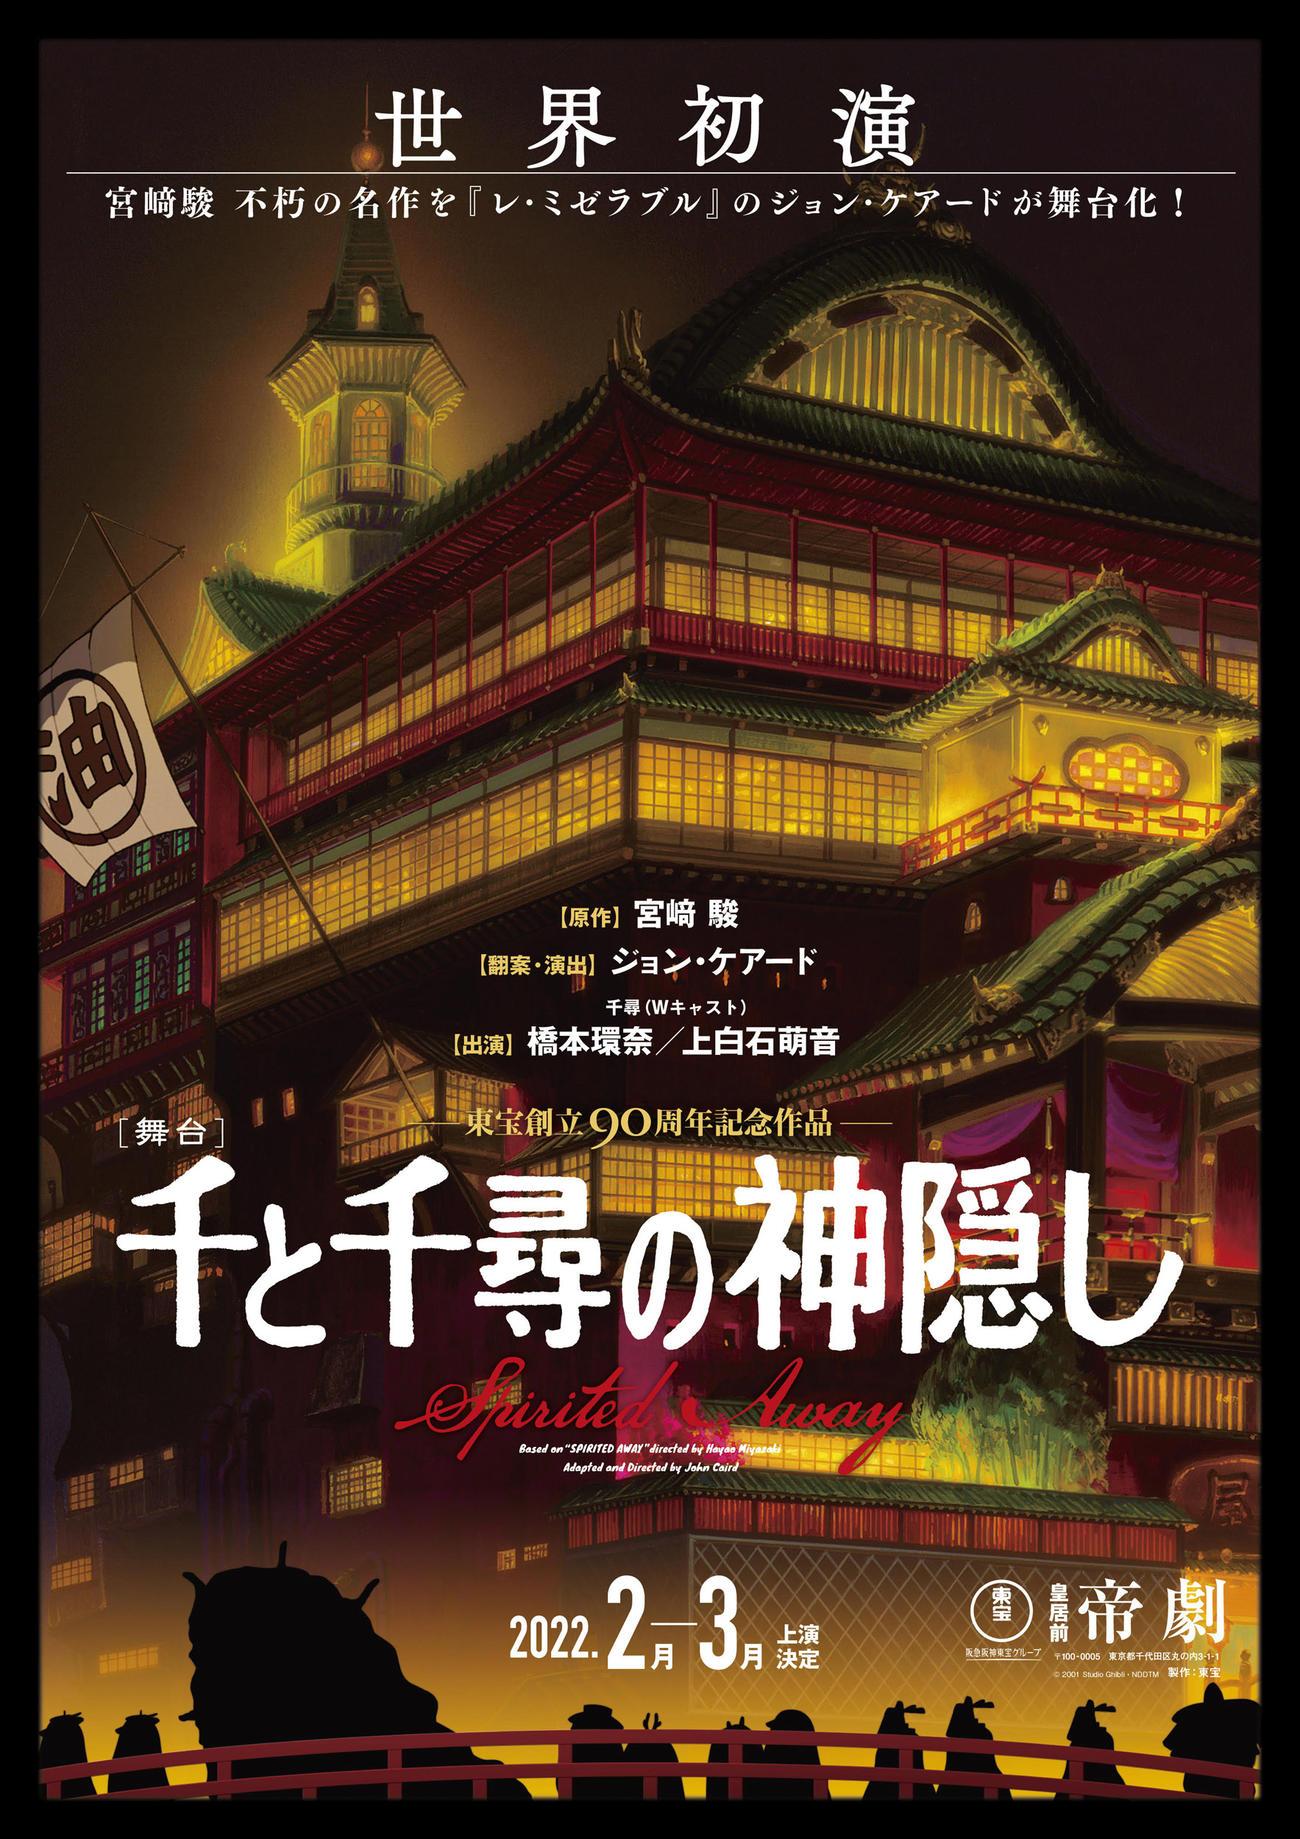 舞台「千と千尋の神隠し」C)2001 Studio Ghibli・NDDTM